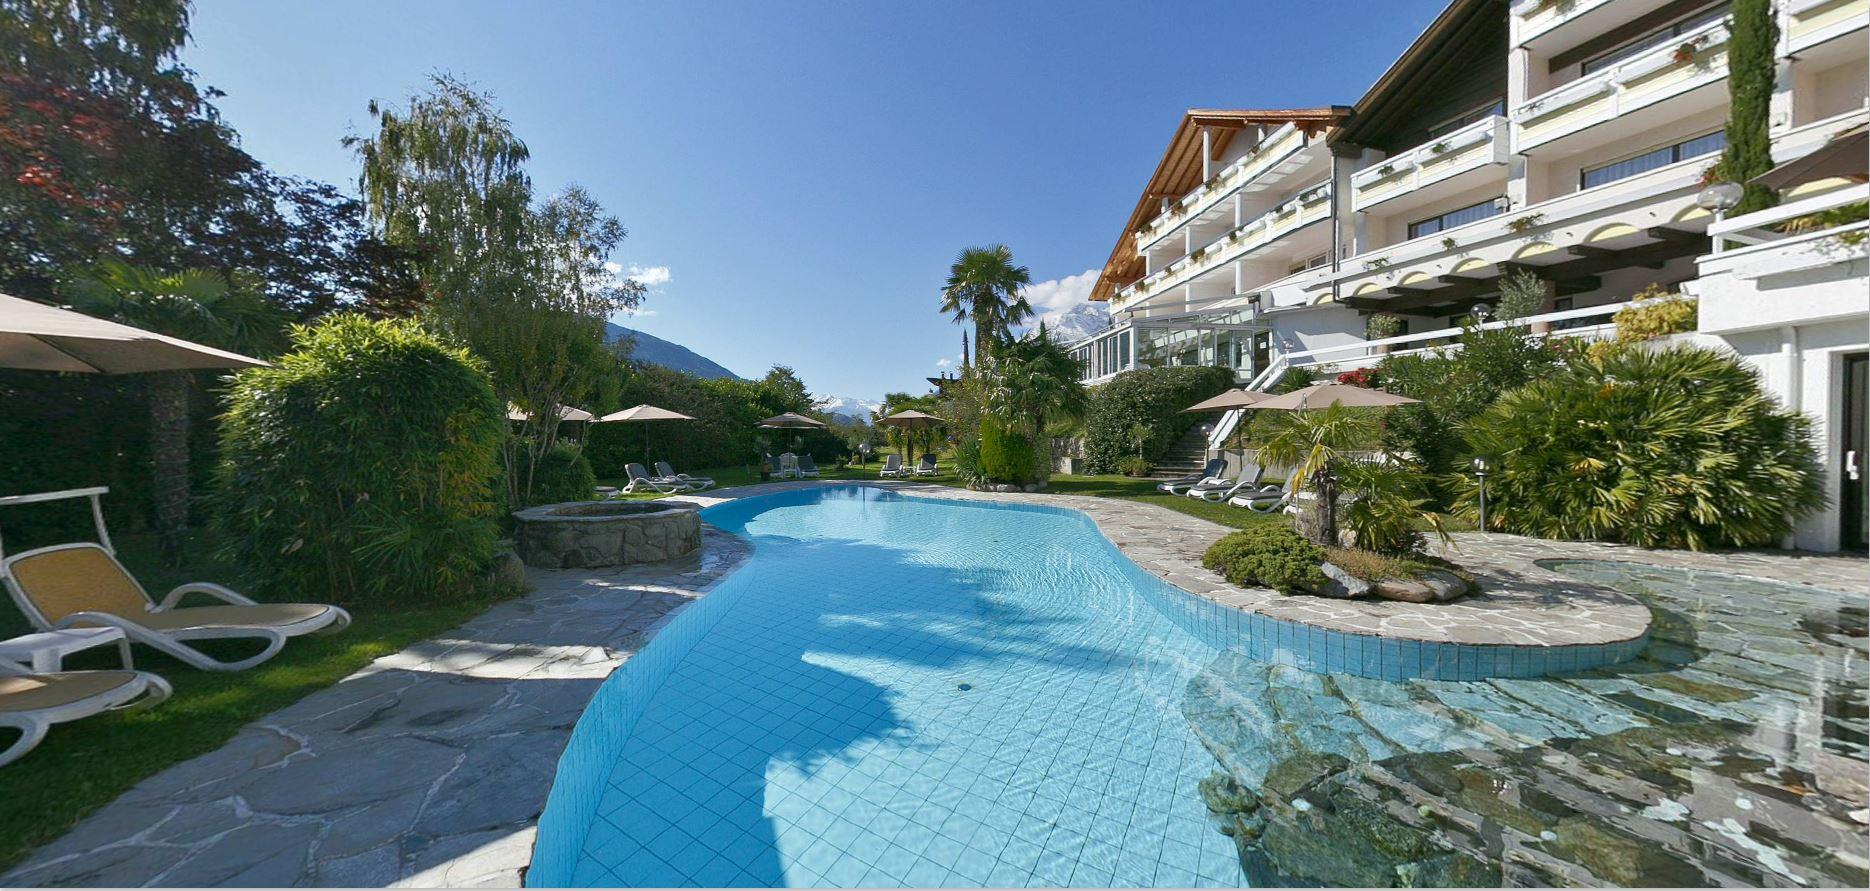 Hotel con piscina Tirolo vicino a Merano